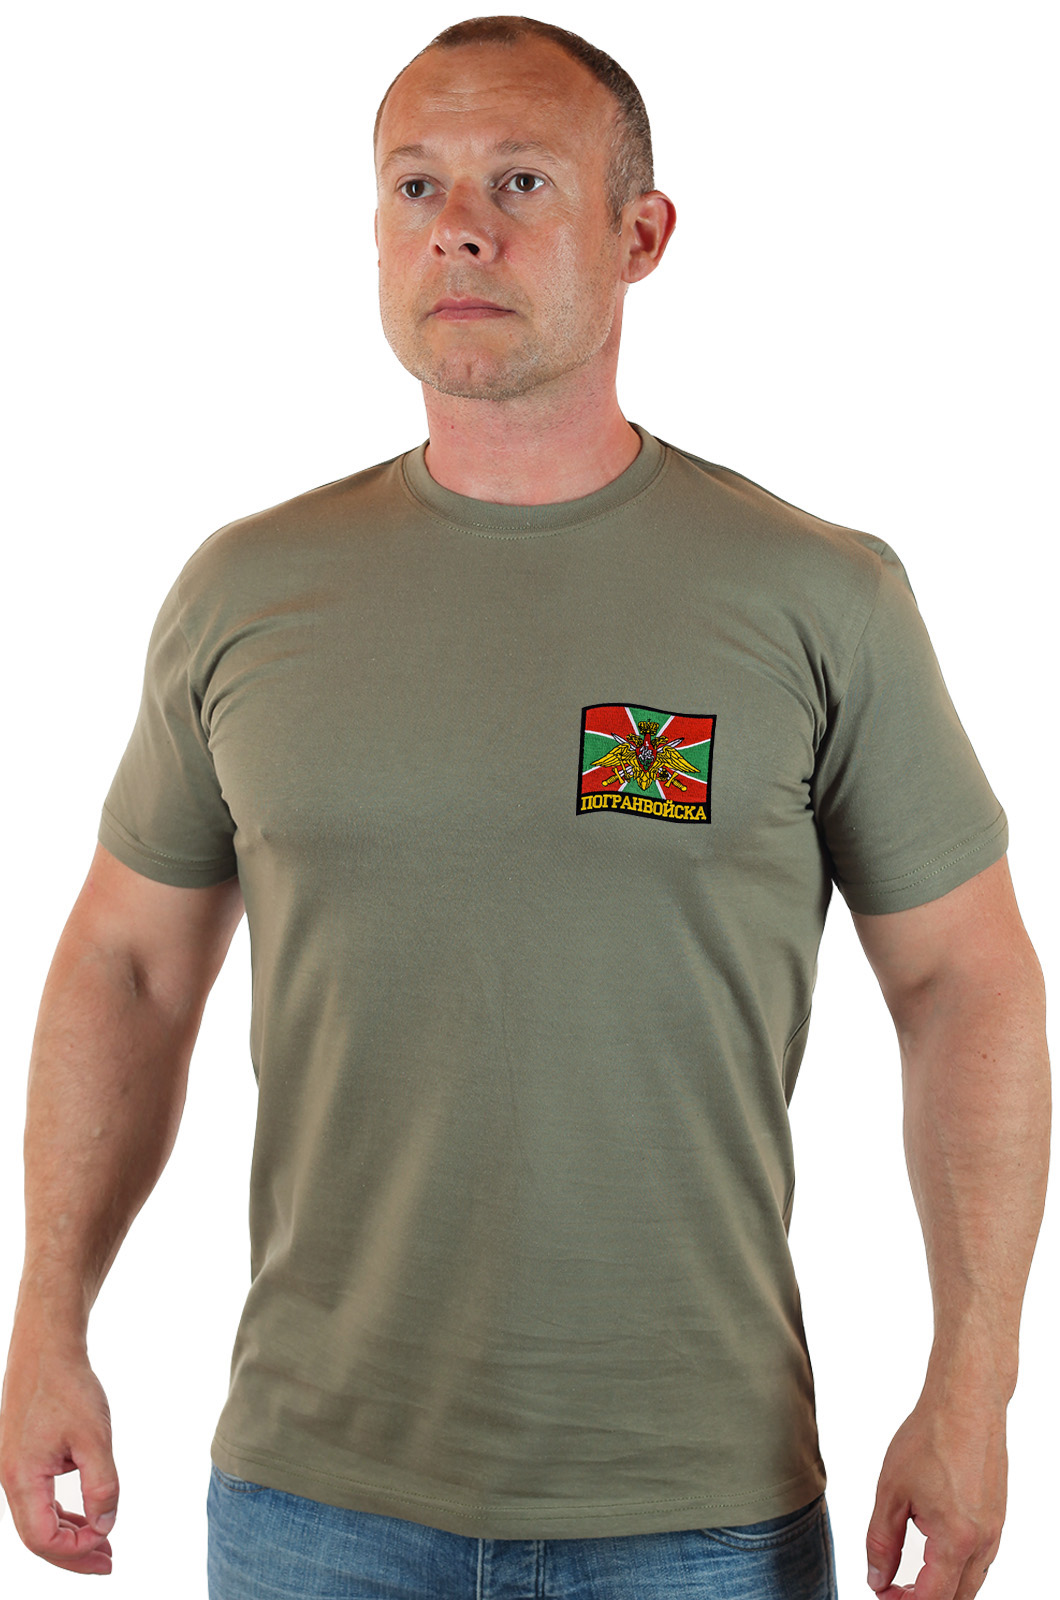 Купить на подарок пограничнику оливковую футболку с вышивкой Погранвойск